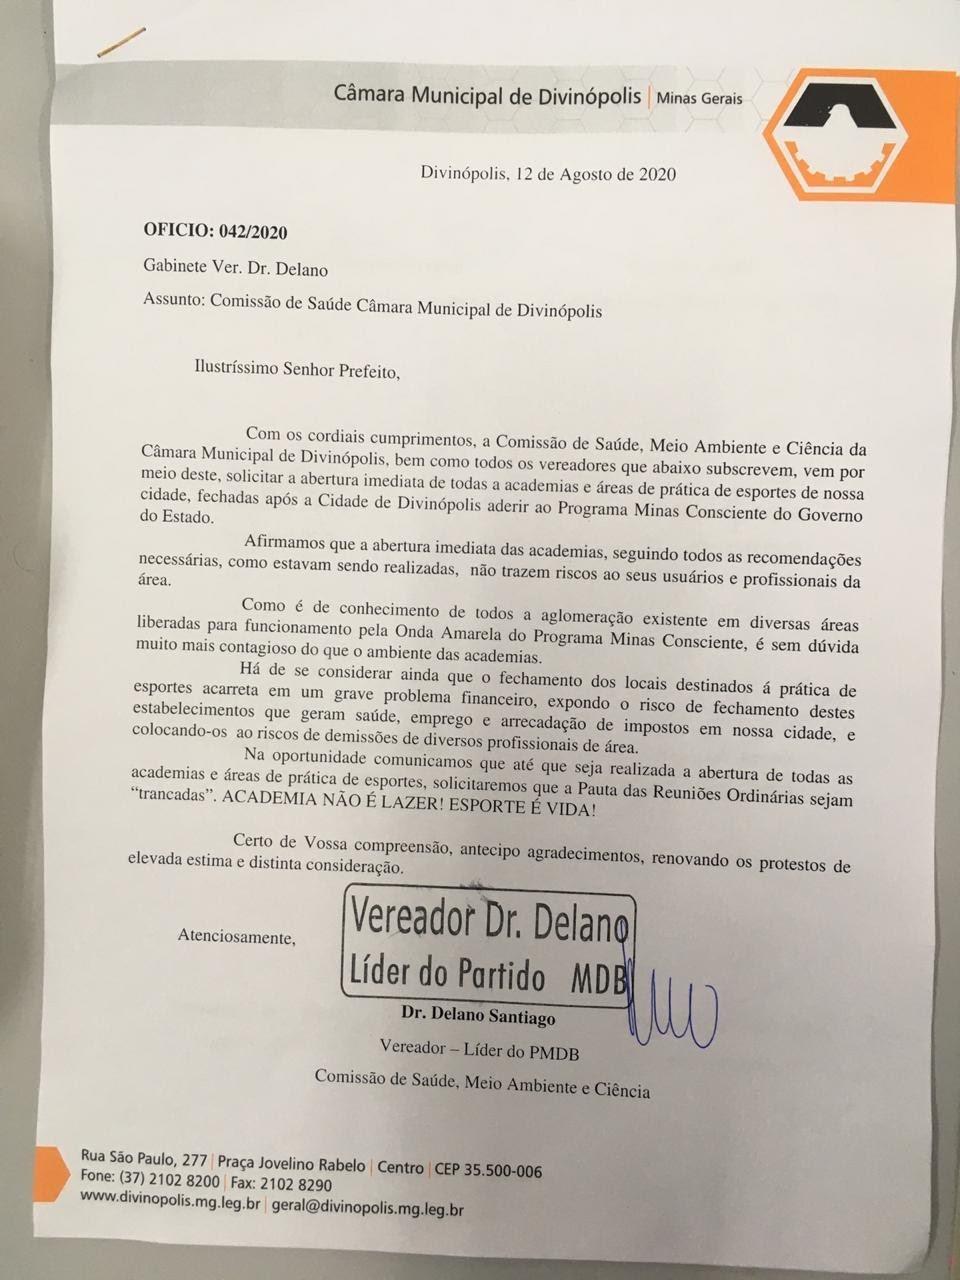 Comissão de Saúde da Câmara emite ofício que solicita 'tranca' na pauta das reuniões ordinárias até reabertura de academias em Divinópolis